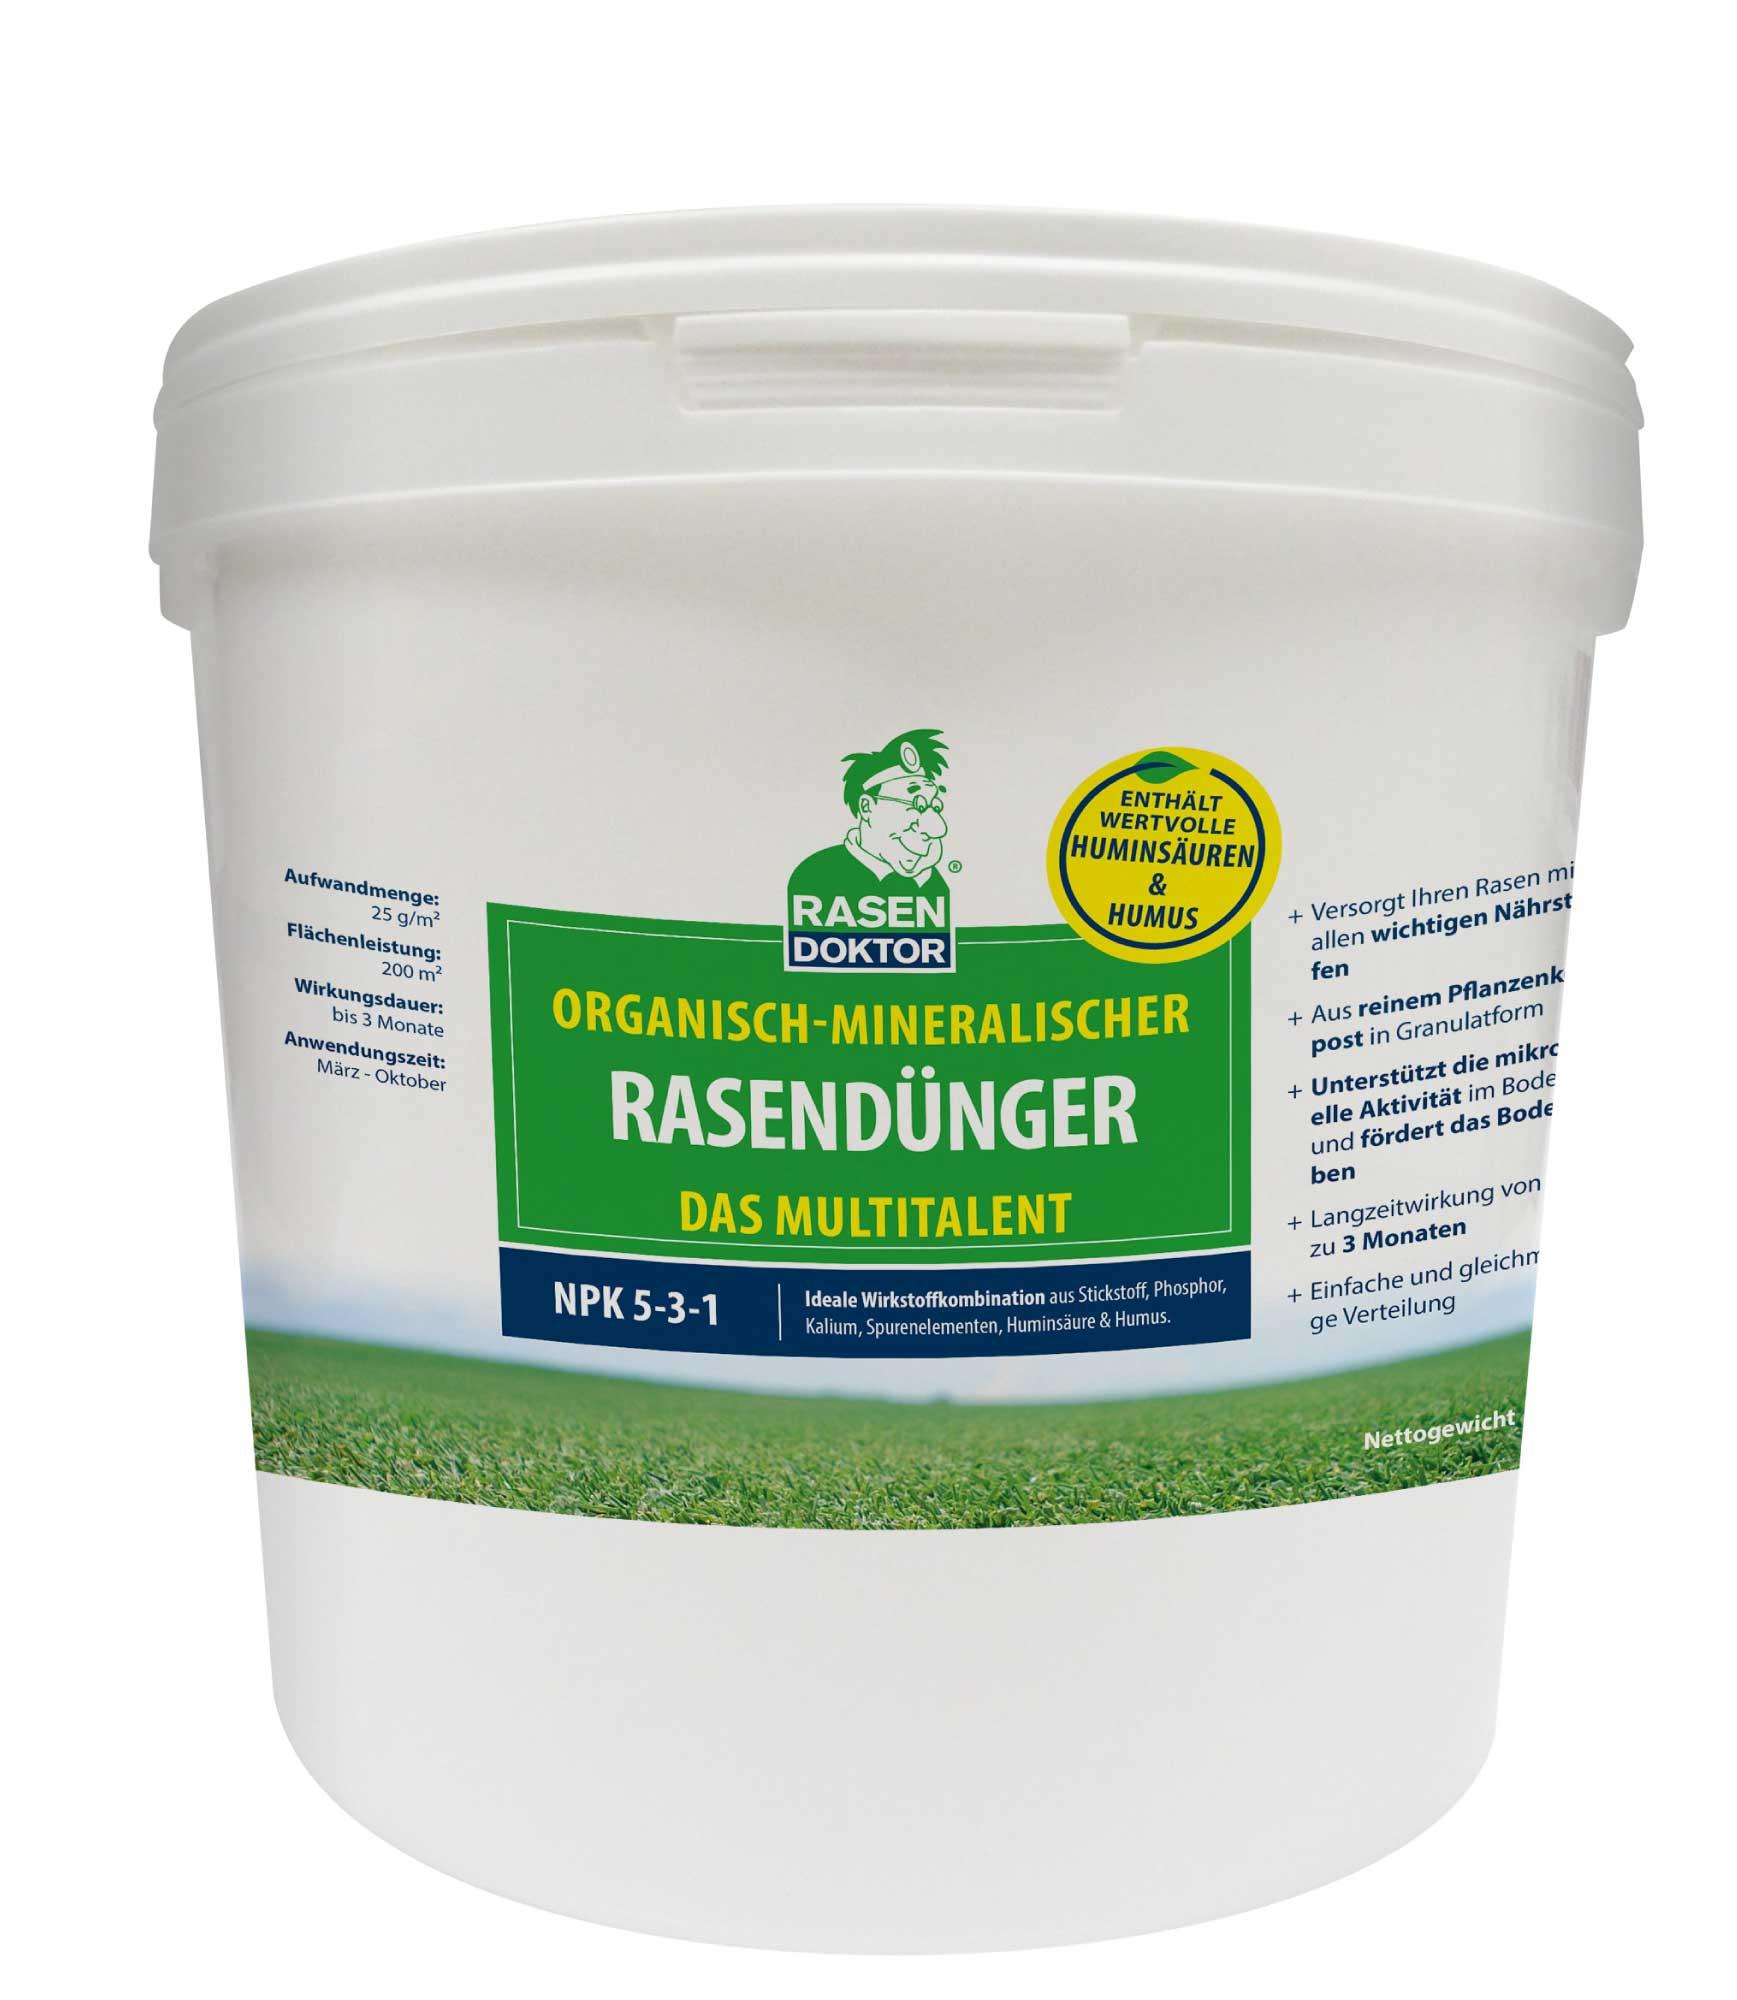 Mineralisch-organischer Rasendünger